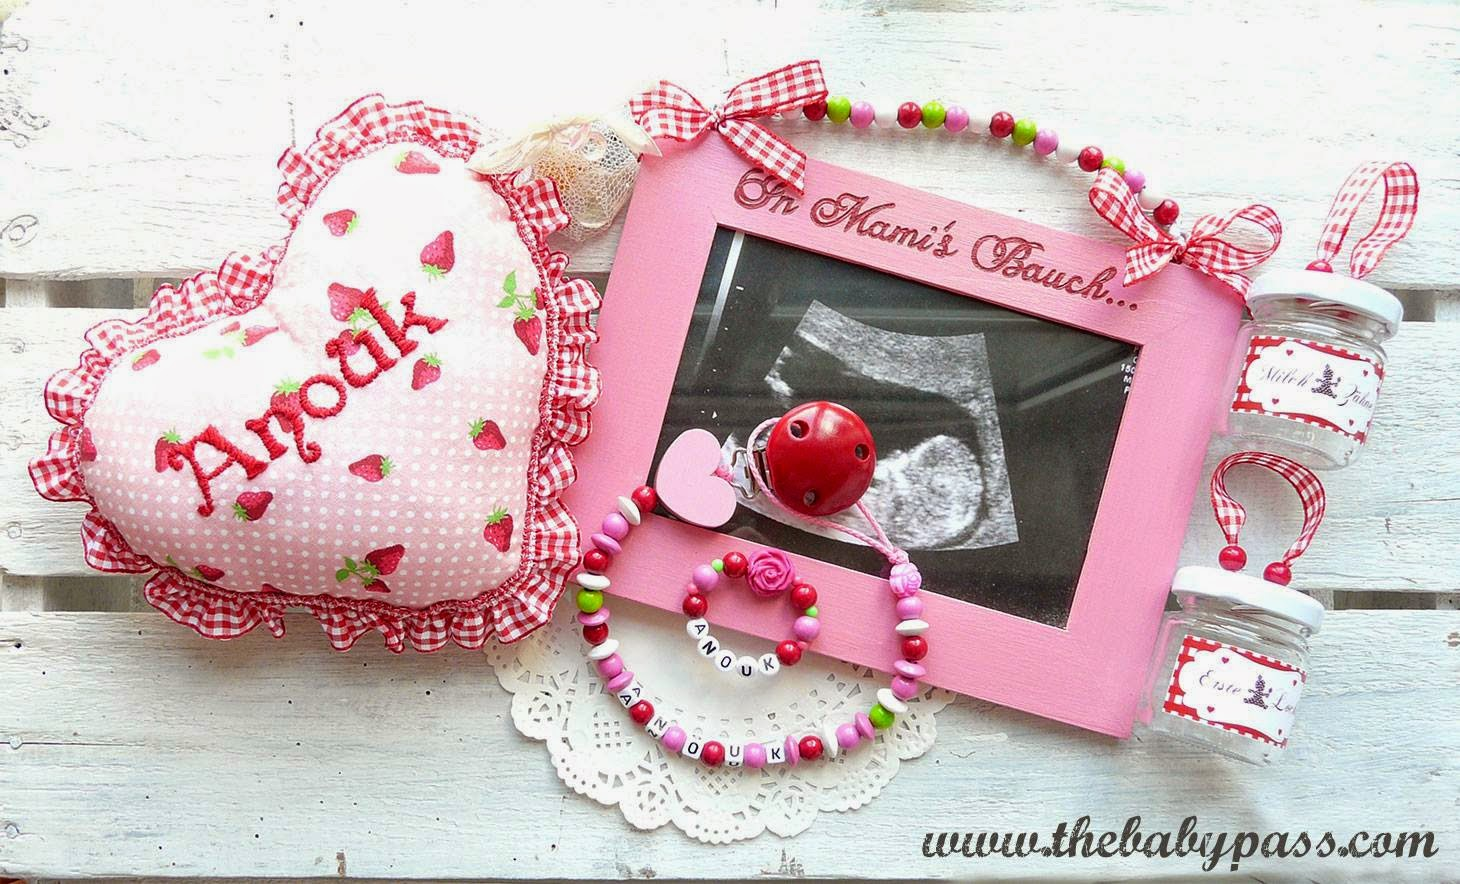 The Babypass: Weihnachtsgeschenke / Schwangerschaft verkünden